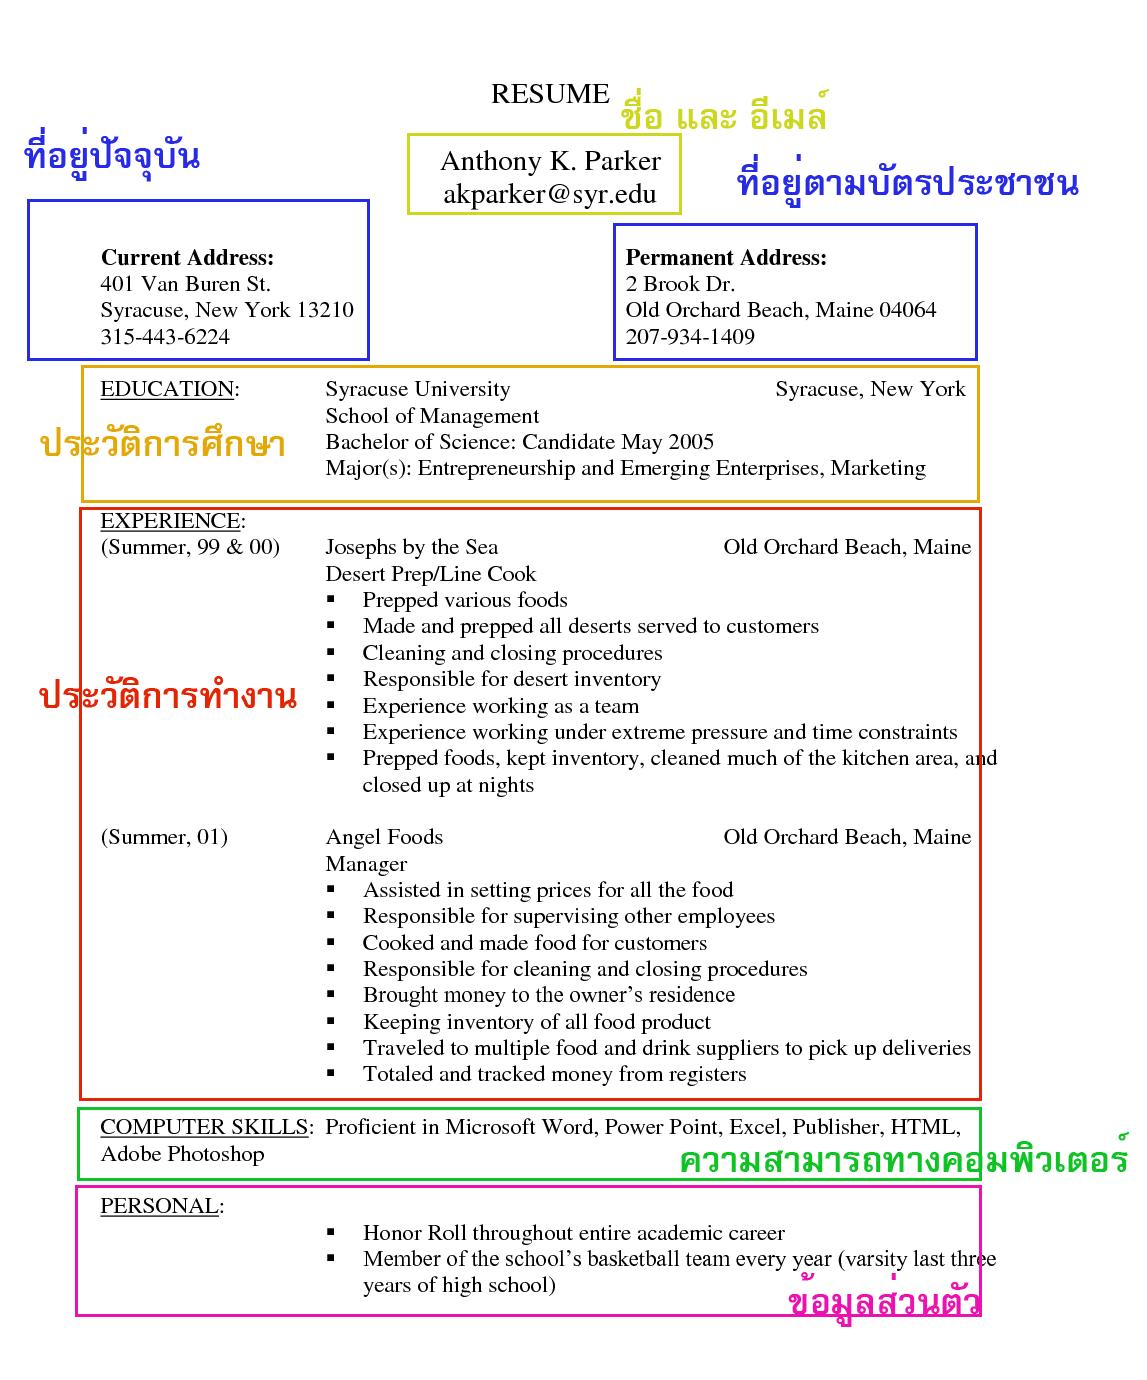 resume ภาษาอังกฤษ ภาษาอังกฤษ